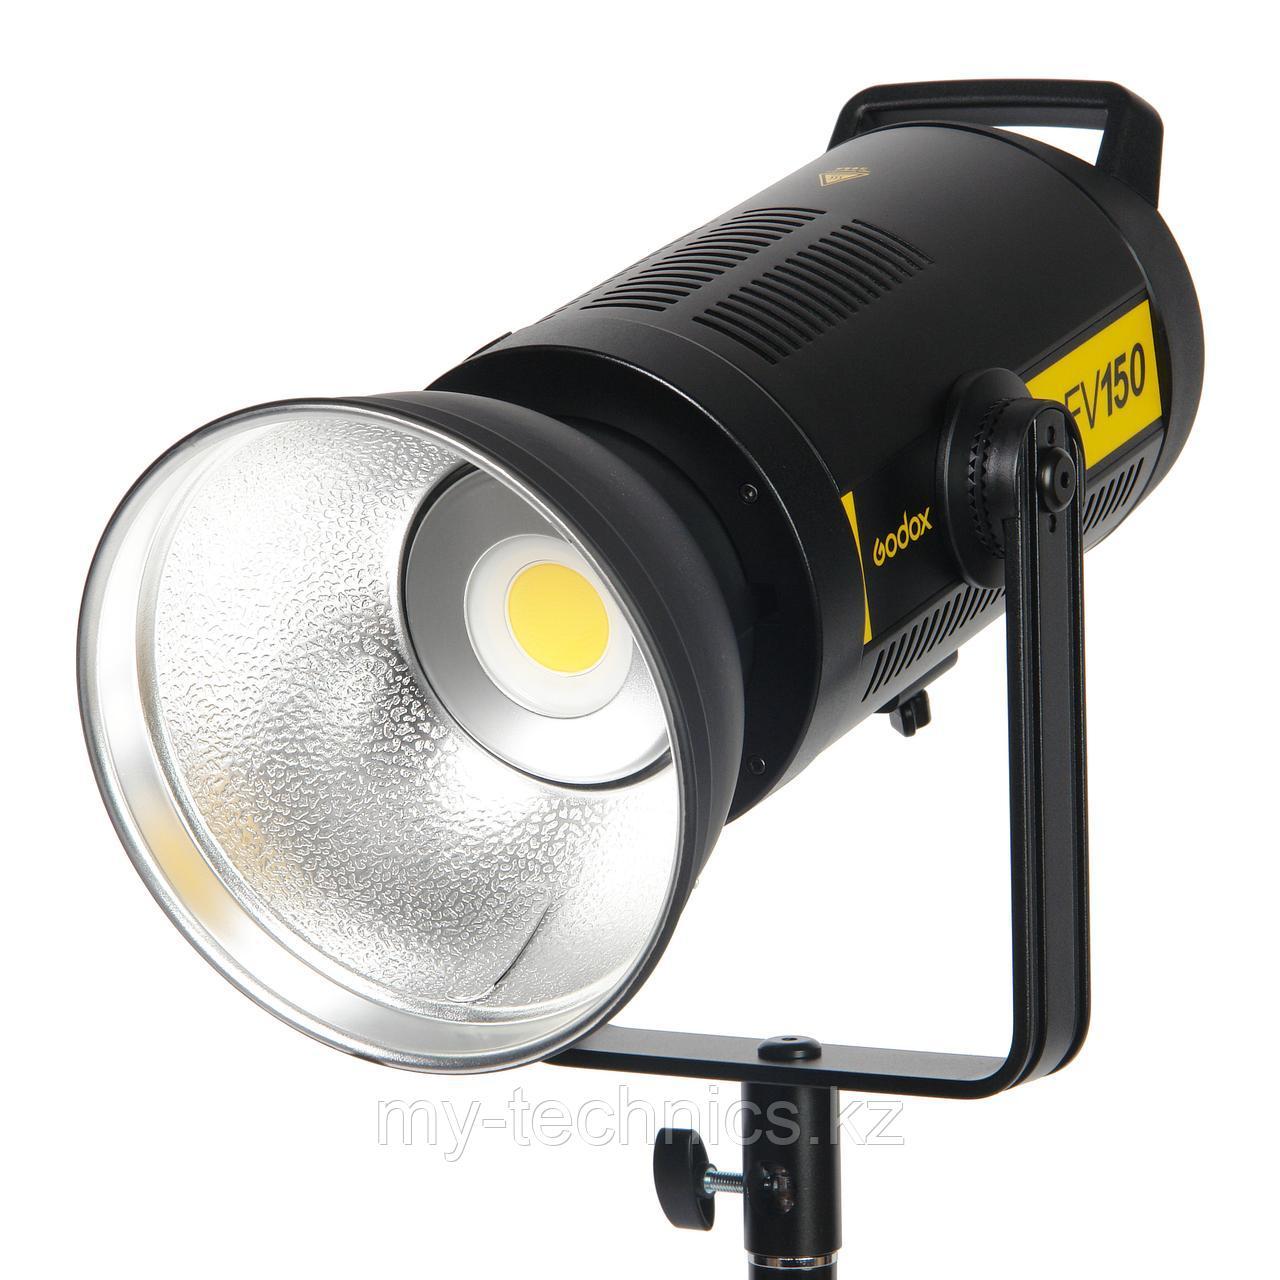 Осветитель светодиодный Godox FV150